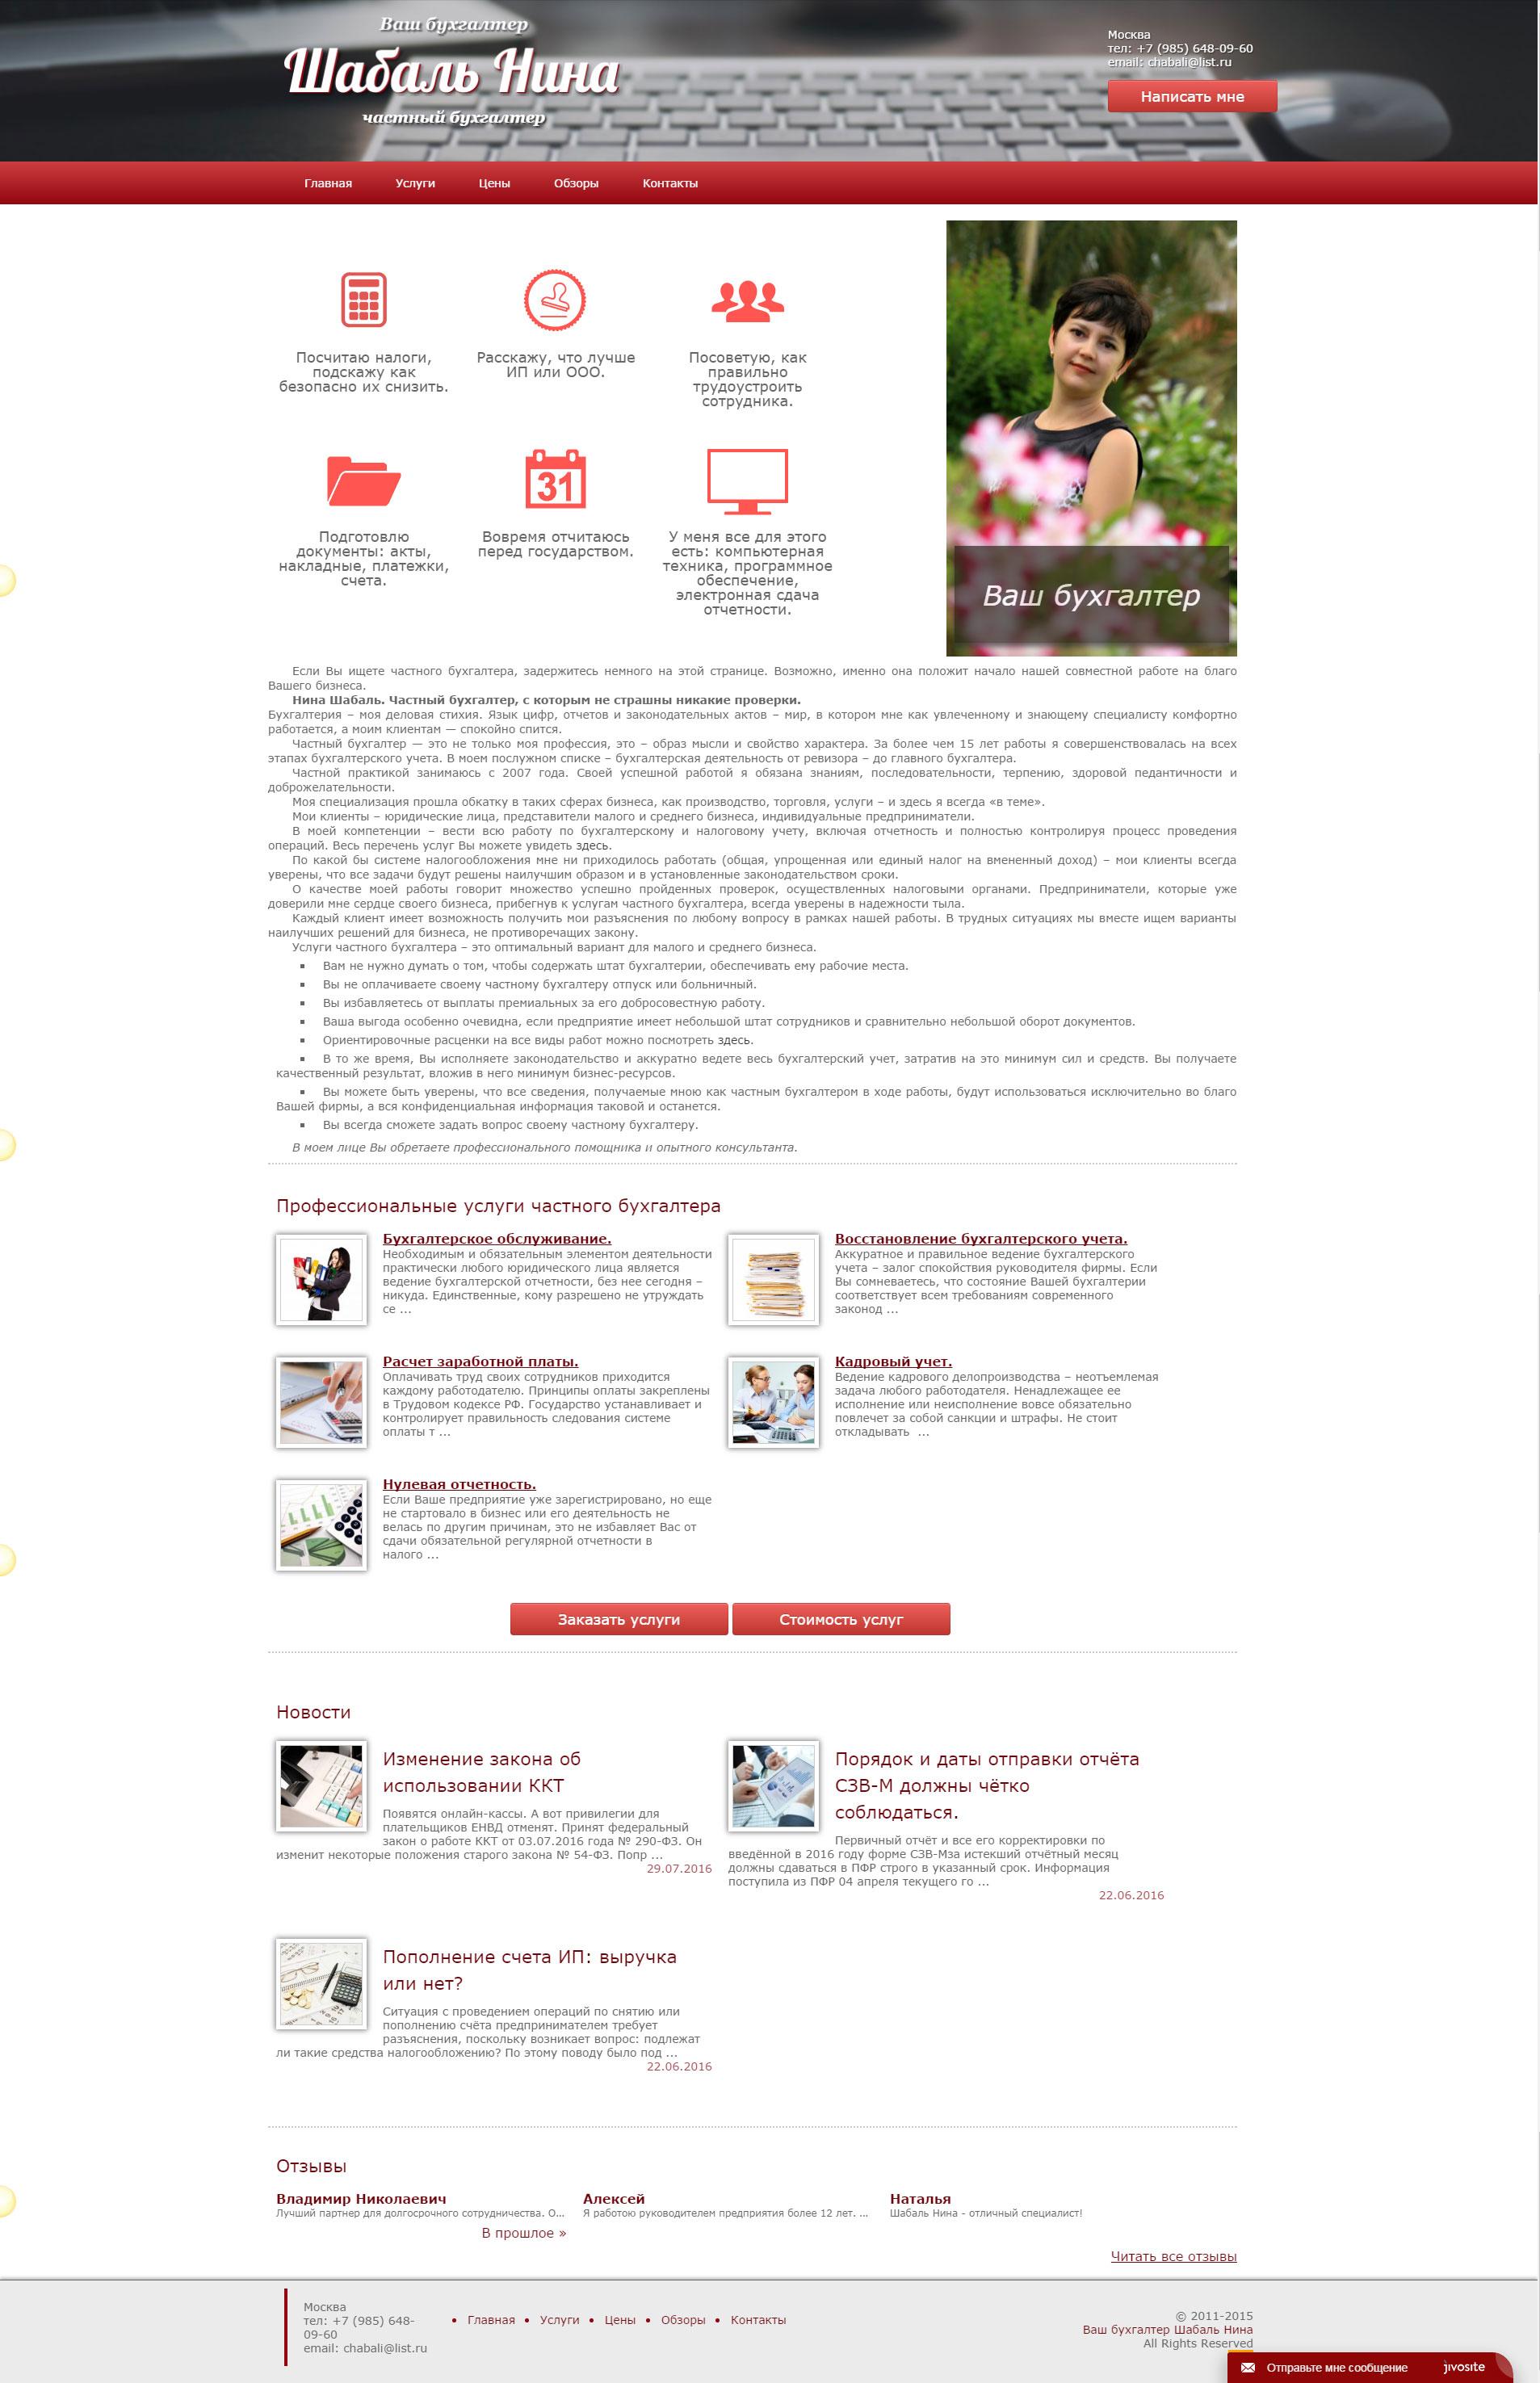 Бесплатная реклама в интернете нижний новгород реклама и спам в интернете